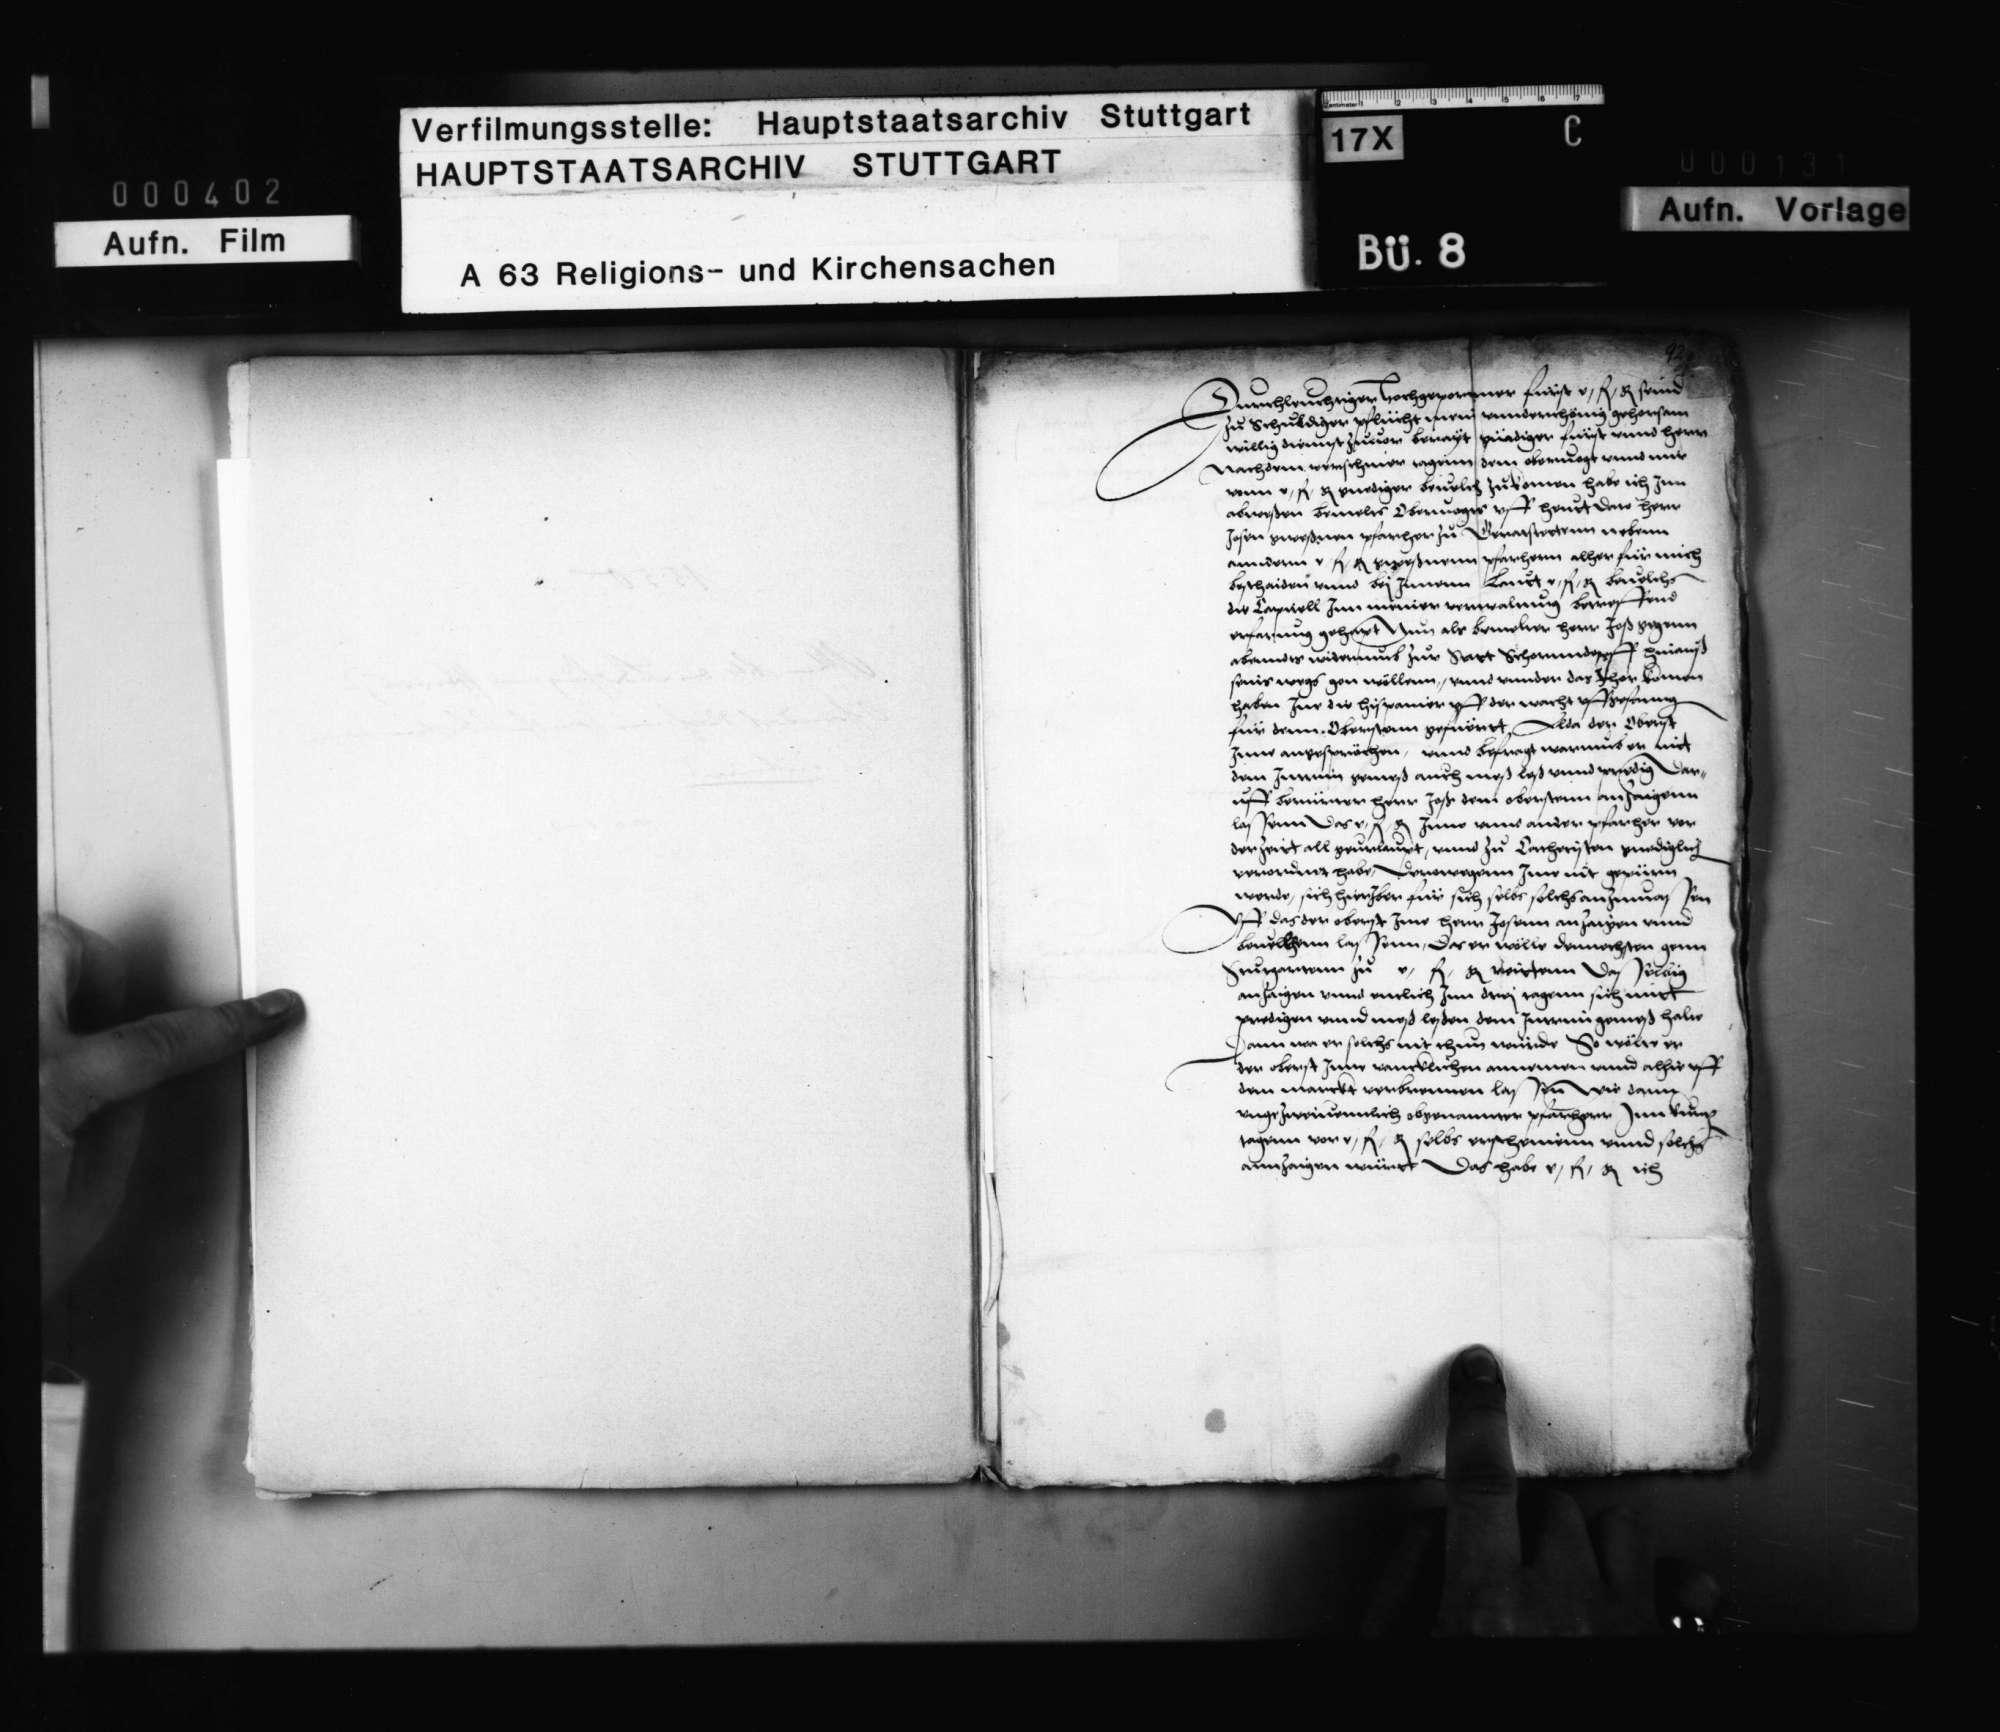 Die Bedrohung eines Pfarrers zu Schorndorf durch einen spanischen Obersten wegen des Interims., Bild 2